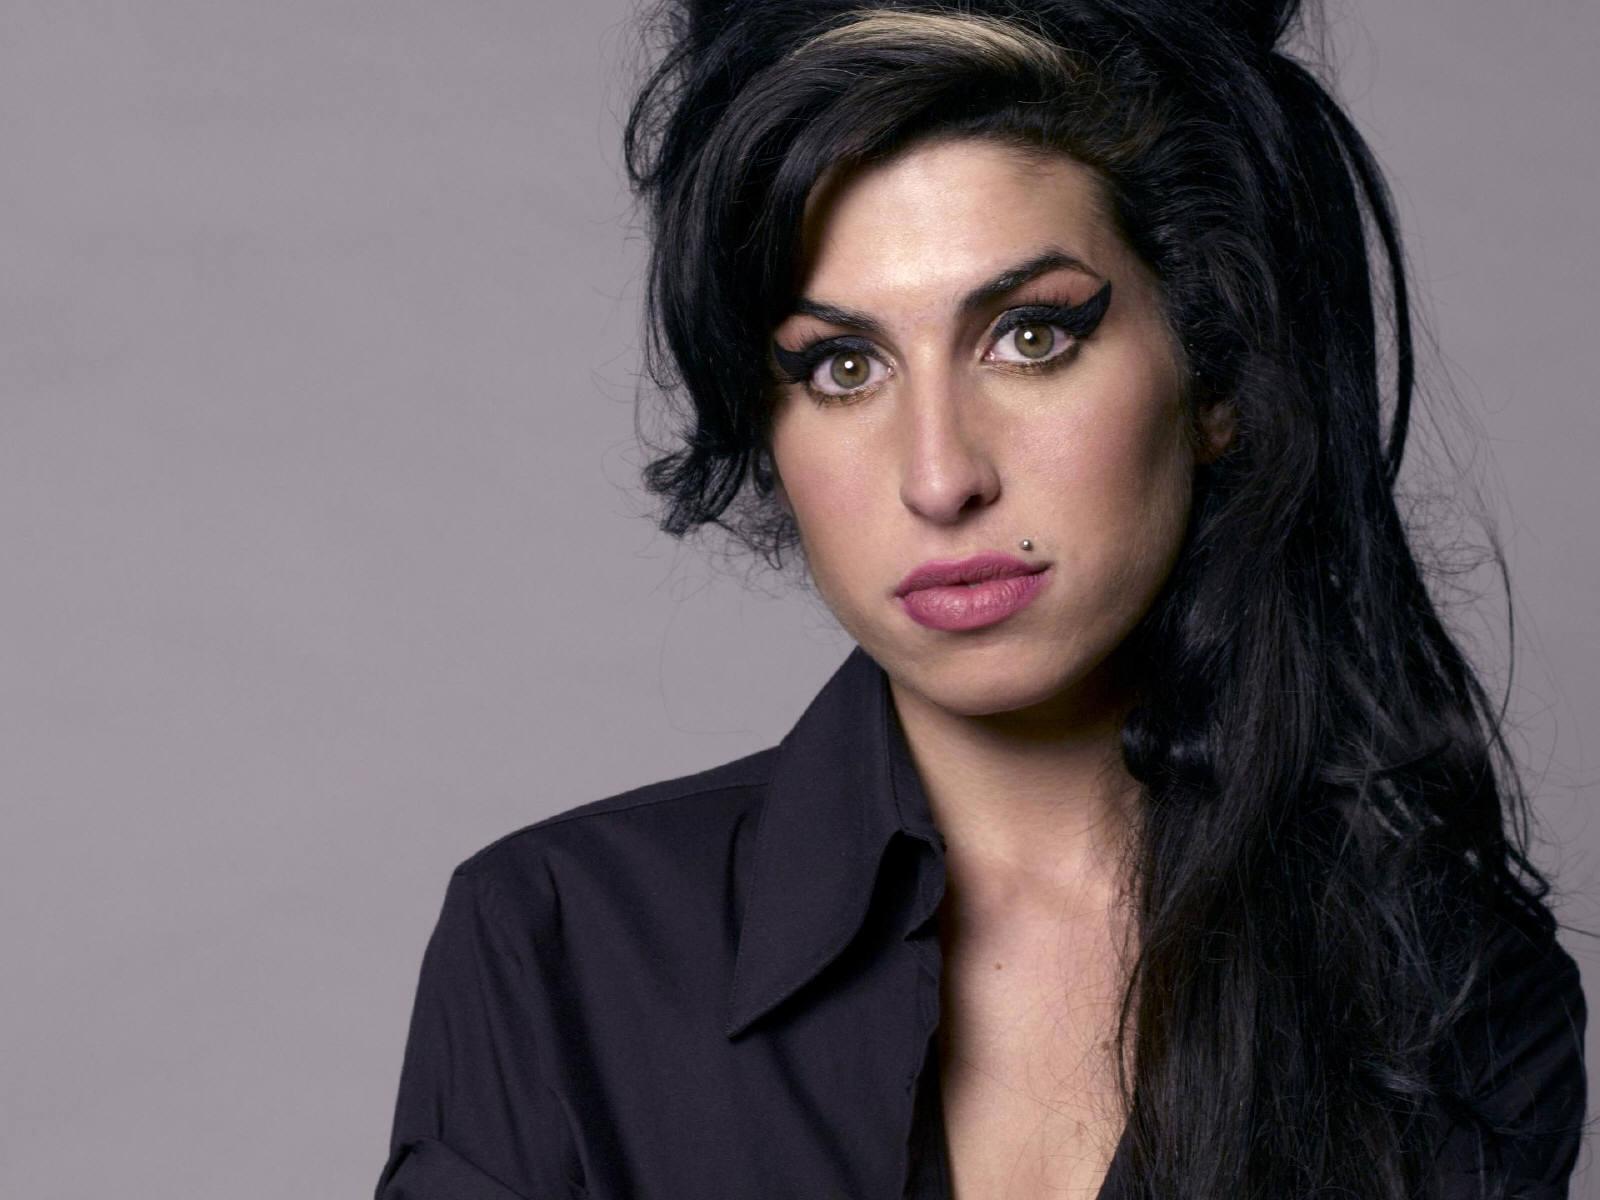 http://1.bp.blogspot.com/-FejkgcJbLdU/TitwA4LGlZI/AAAAAAAAAfg/oQ-rwRcFQ44/s1600/Amy_Winehouse_0020_1600X1200_Wallpaper.jpg